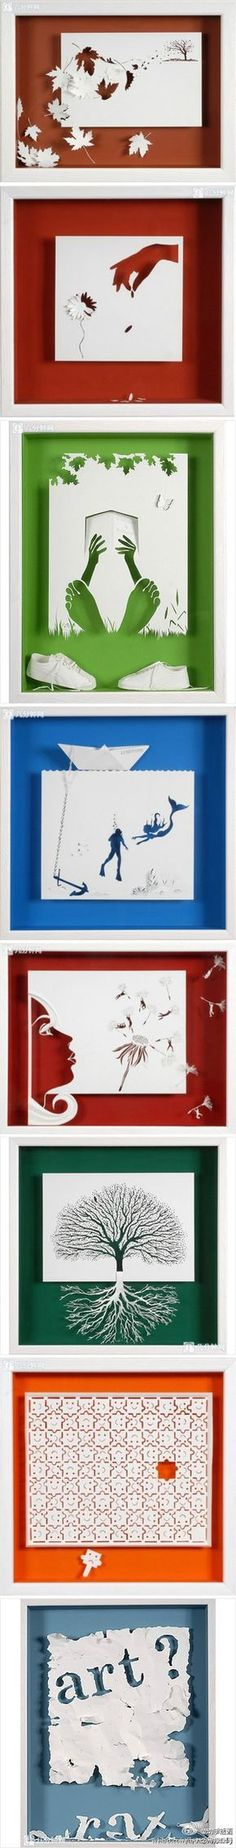 国外艺术家的剪纸作品 - 堆糖 发现生活_收集美好_分享图片